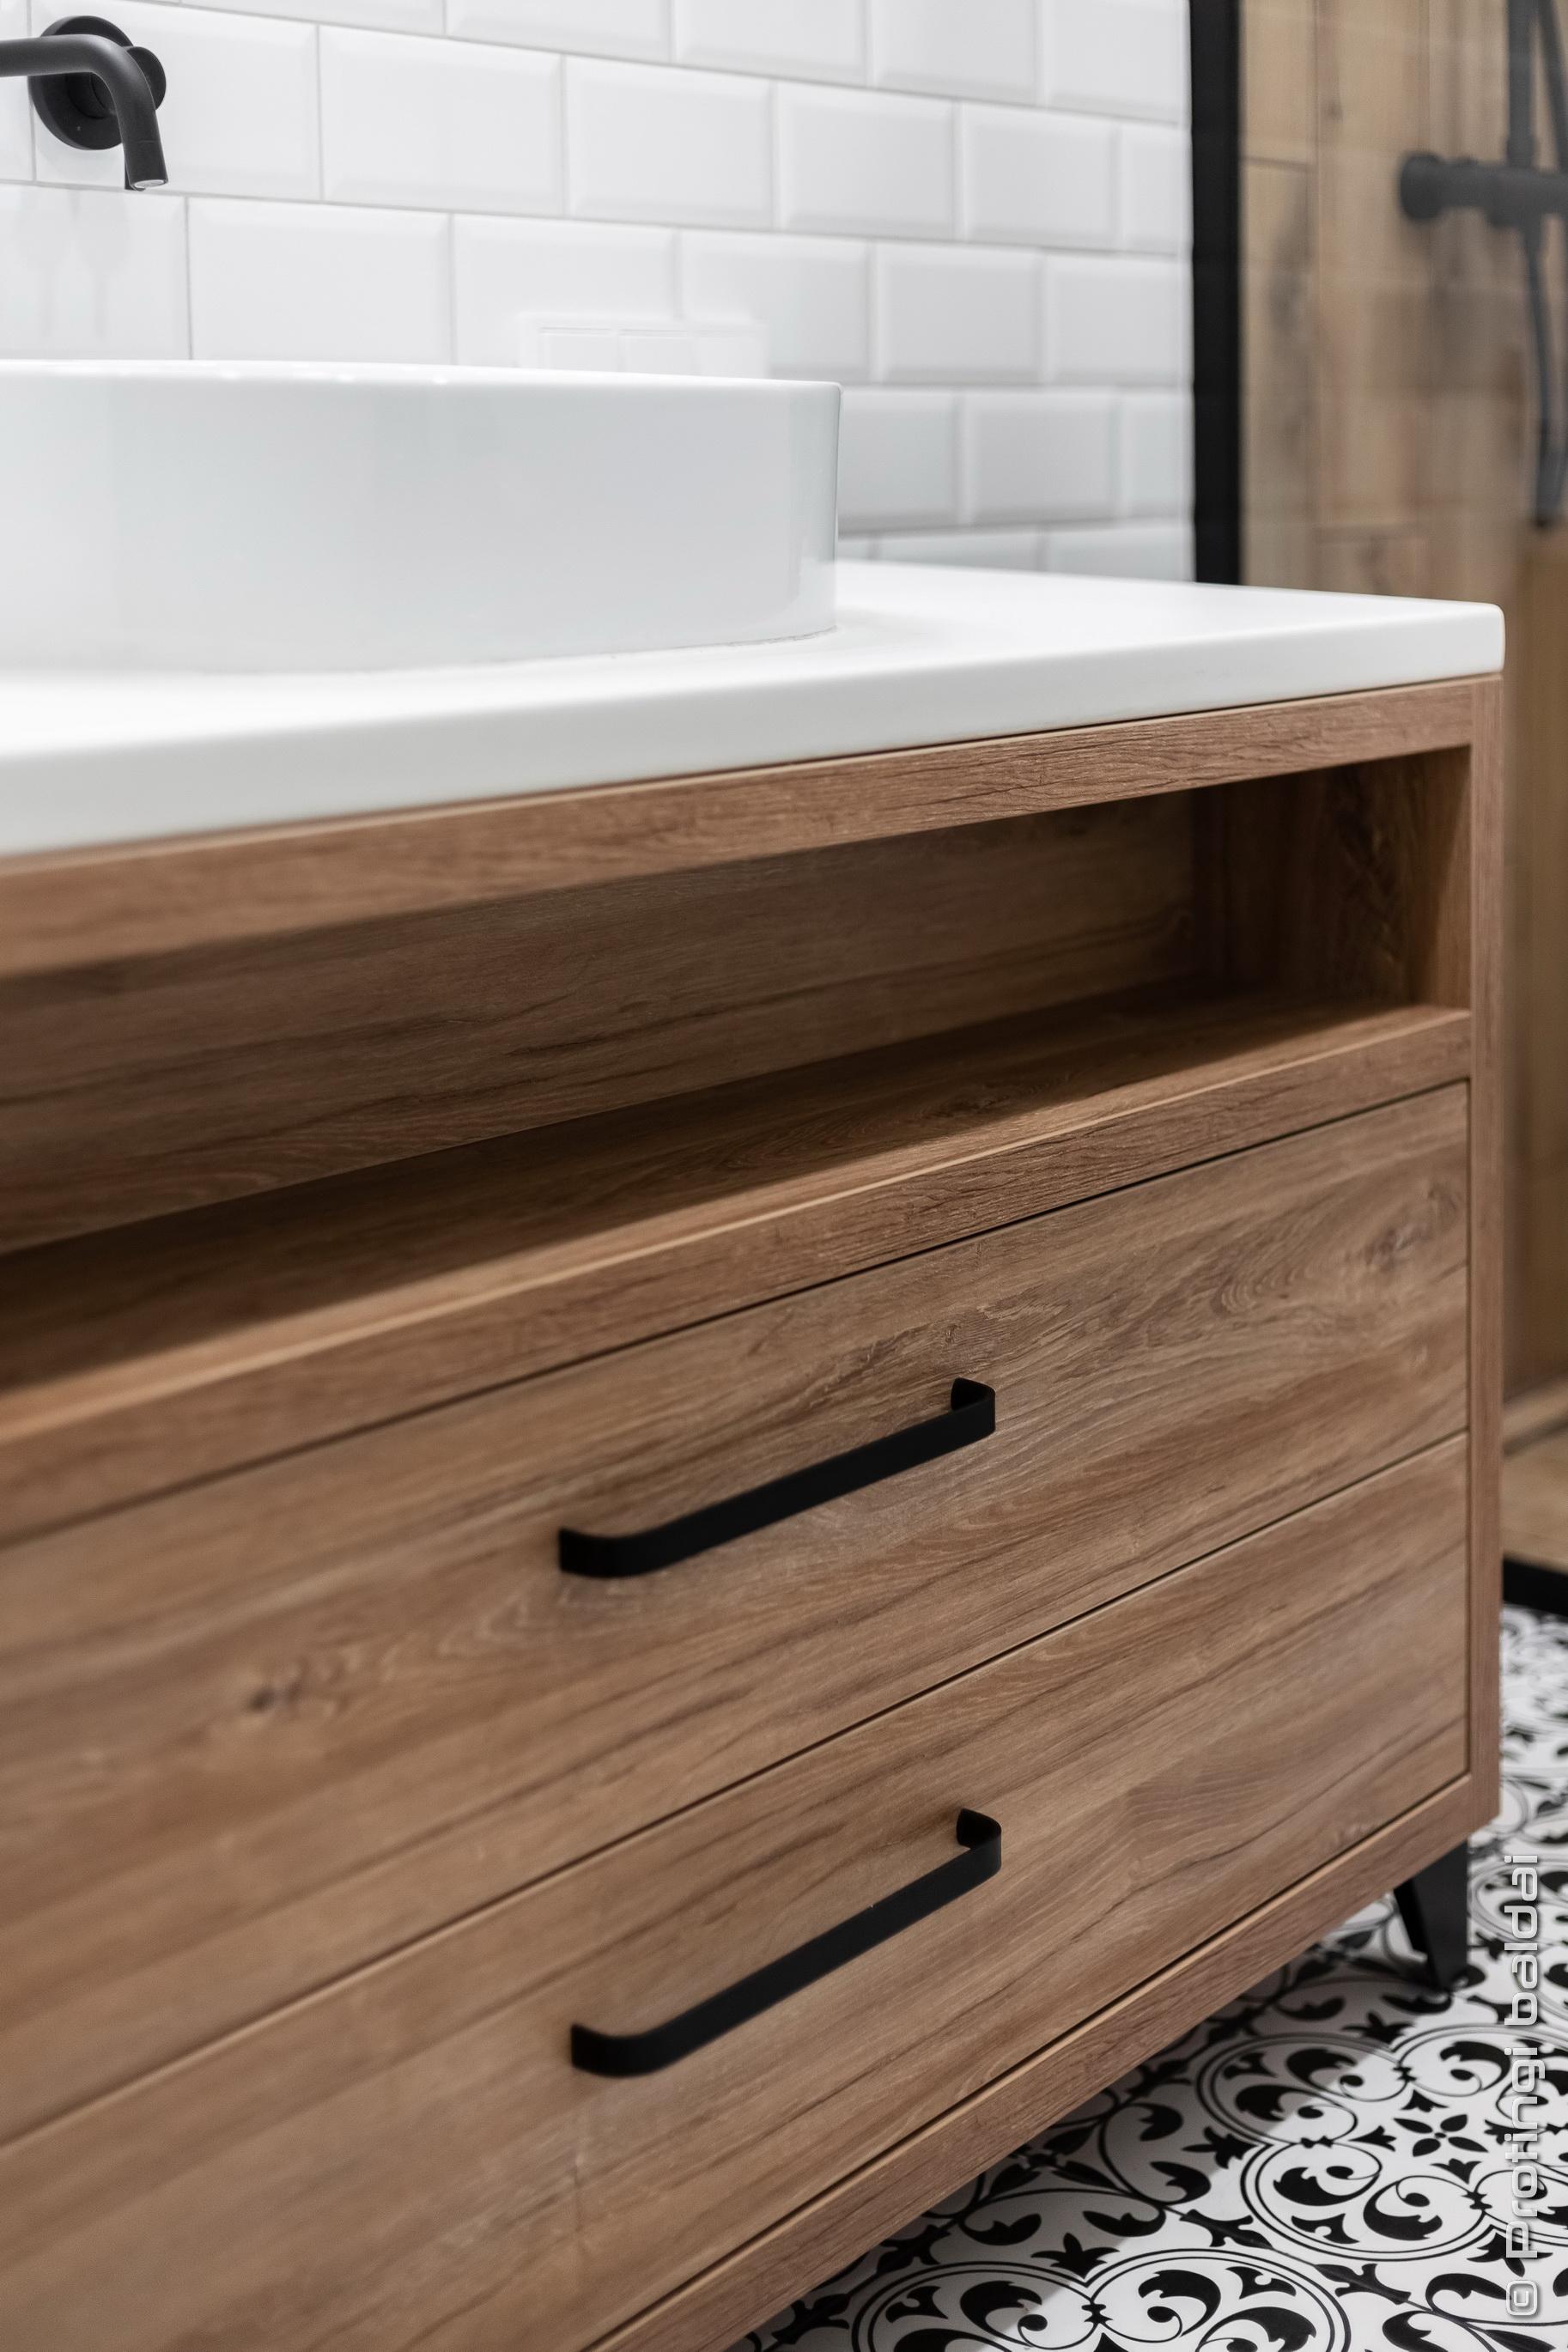 virtuve-vonia-PB35_15